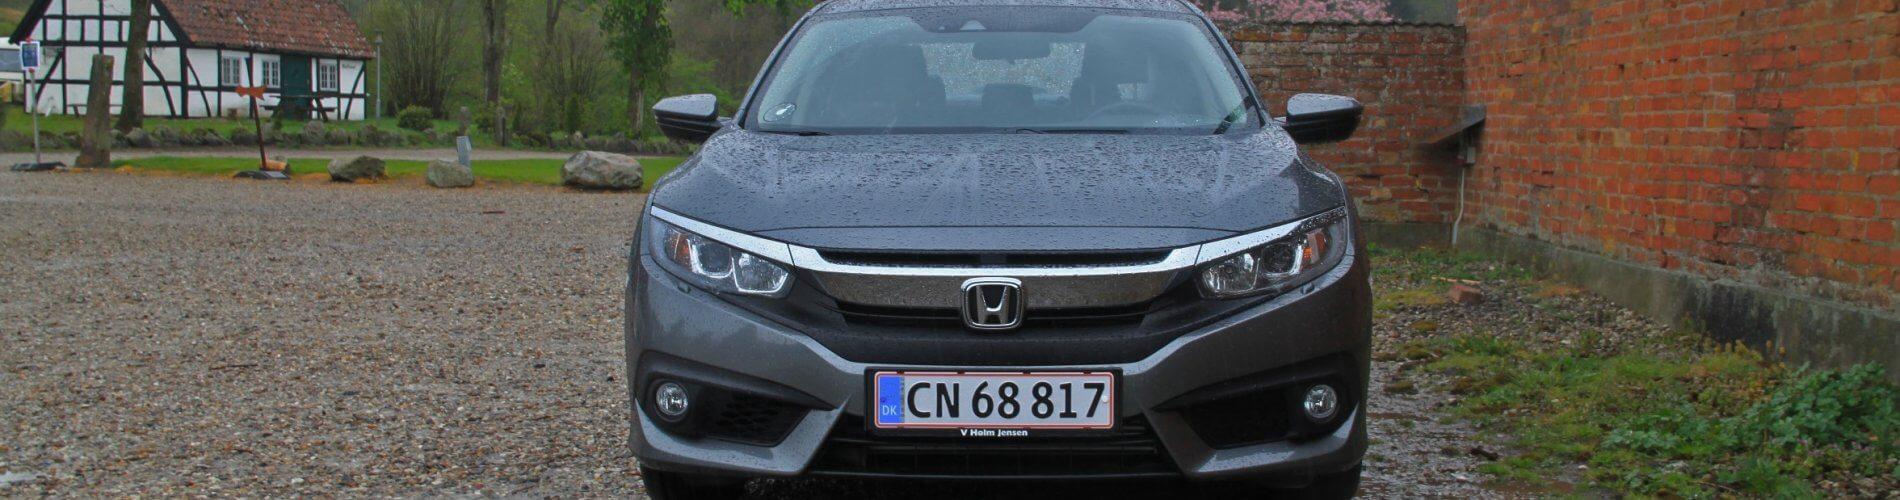 Honda Civic 4 dørs 2020 anmeldelse